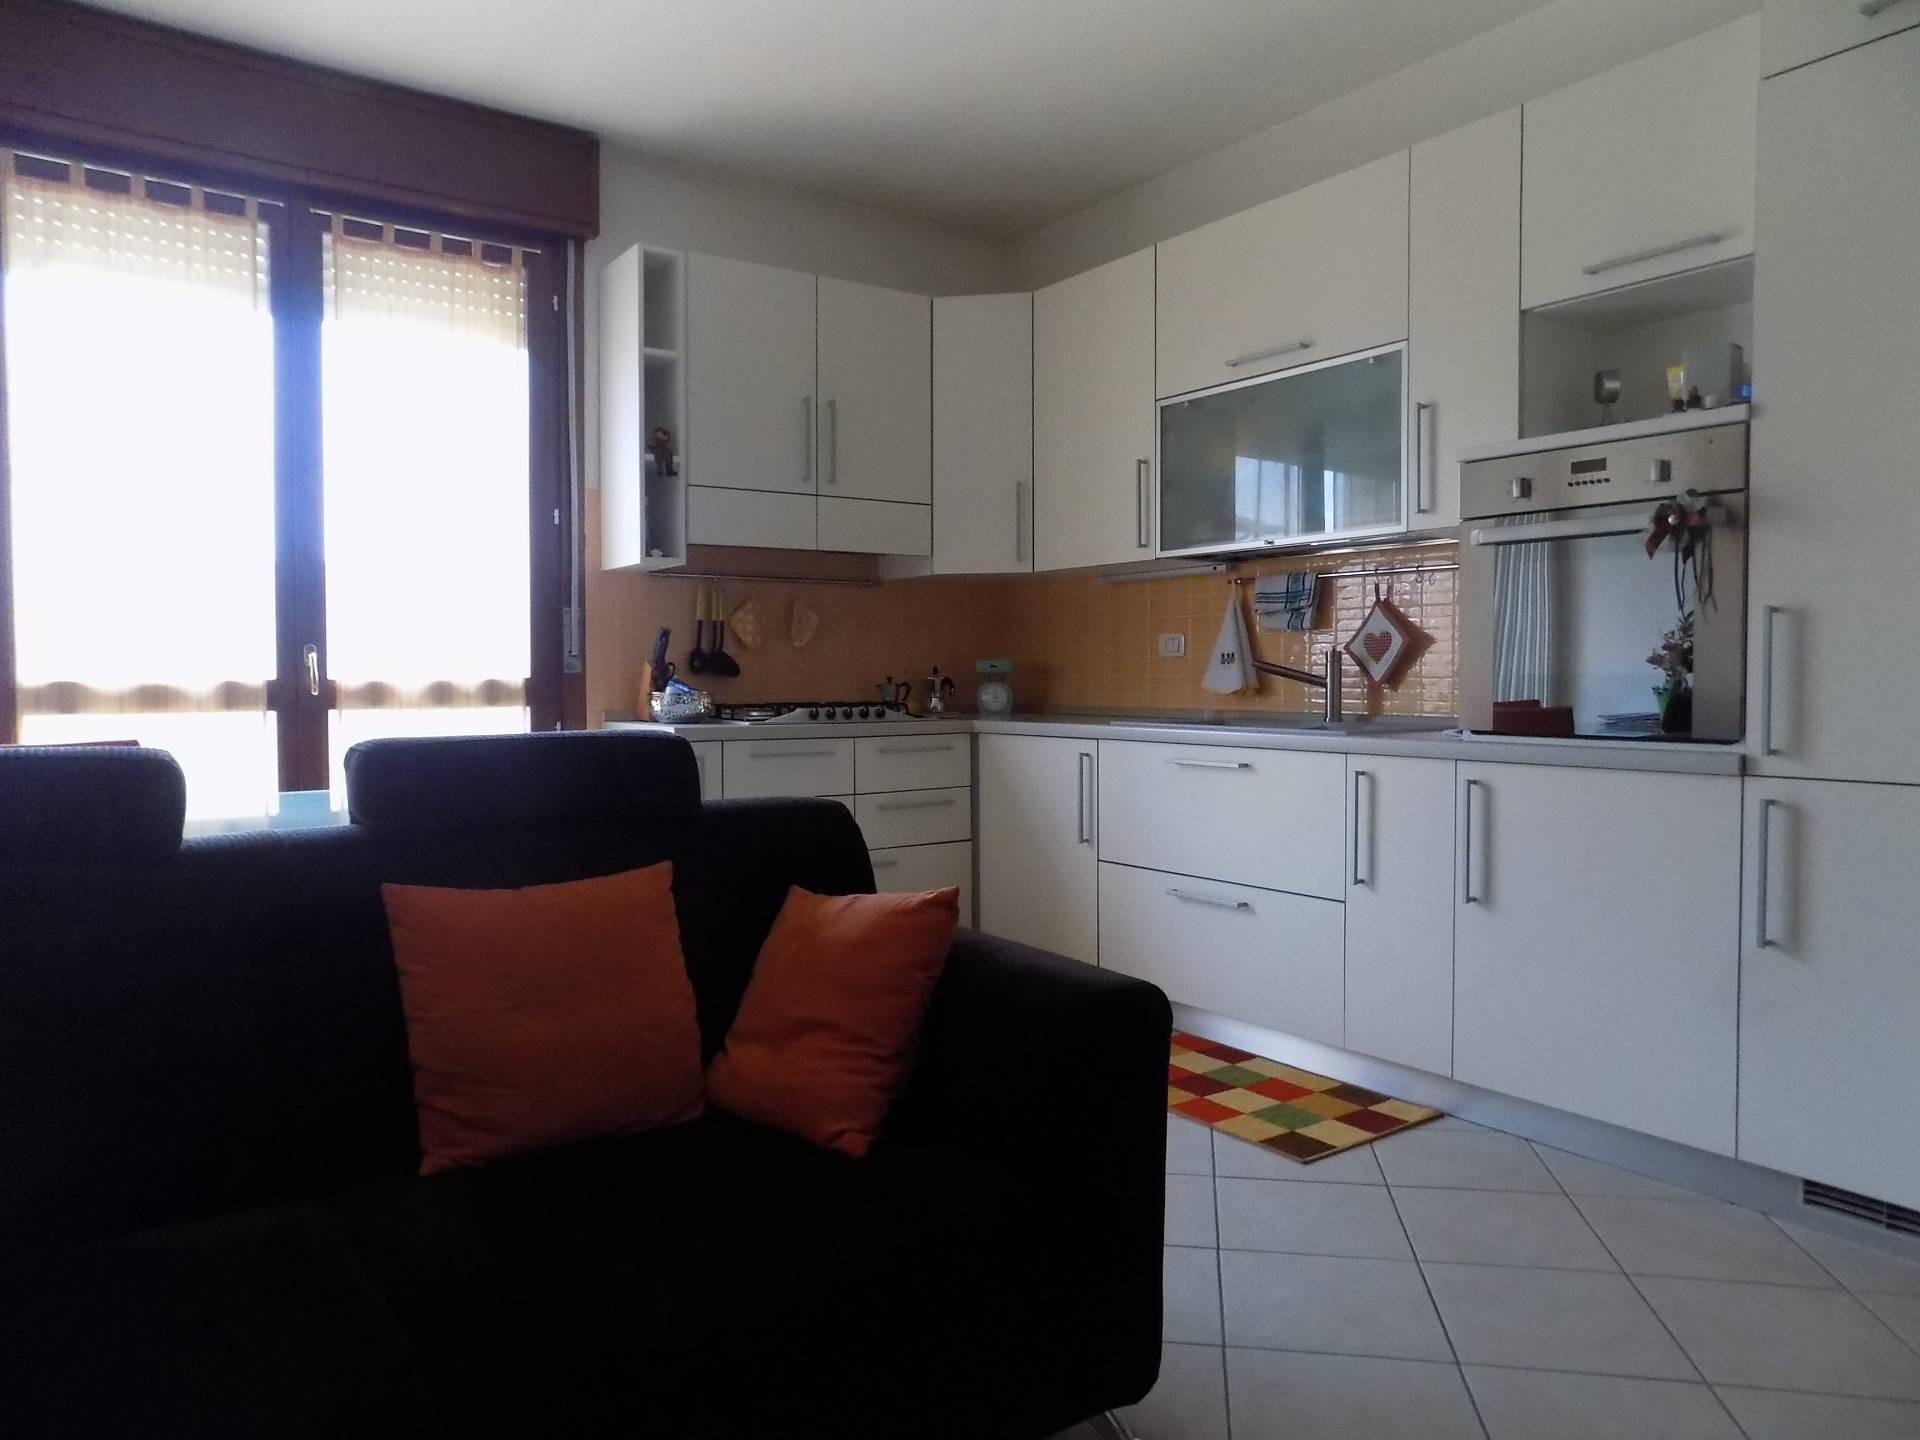 Appartamento in vendita a Sarego, 4 locali, prezzo € 100.000 | CambioCasa.it